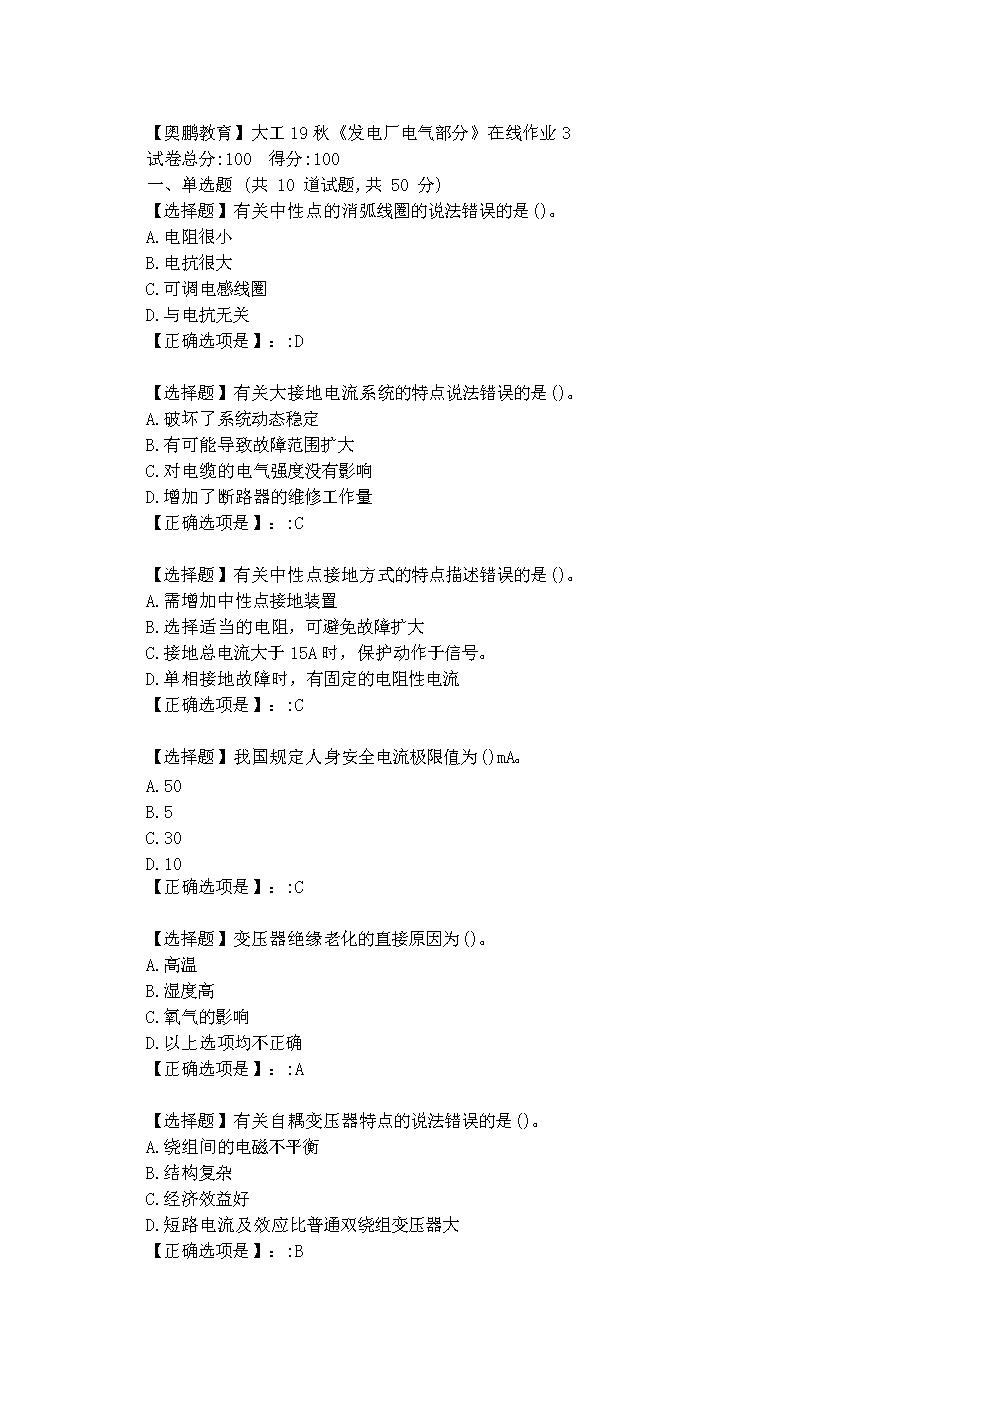 大连理工大学19秋《发电厂电气部分》在线作业3学习资料.doc